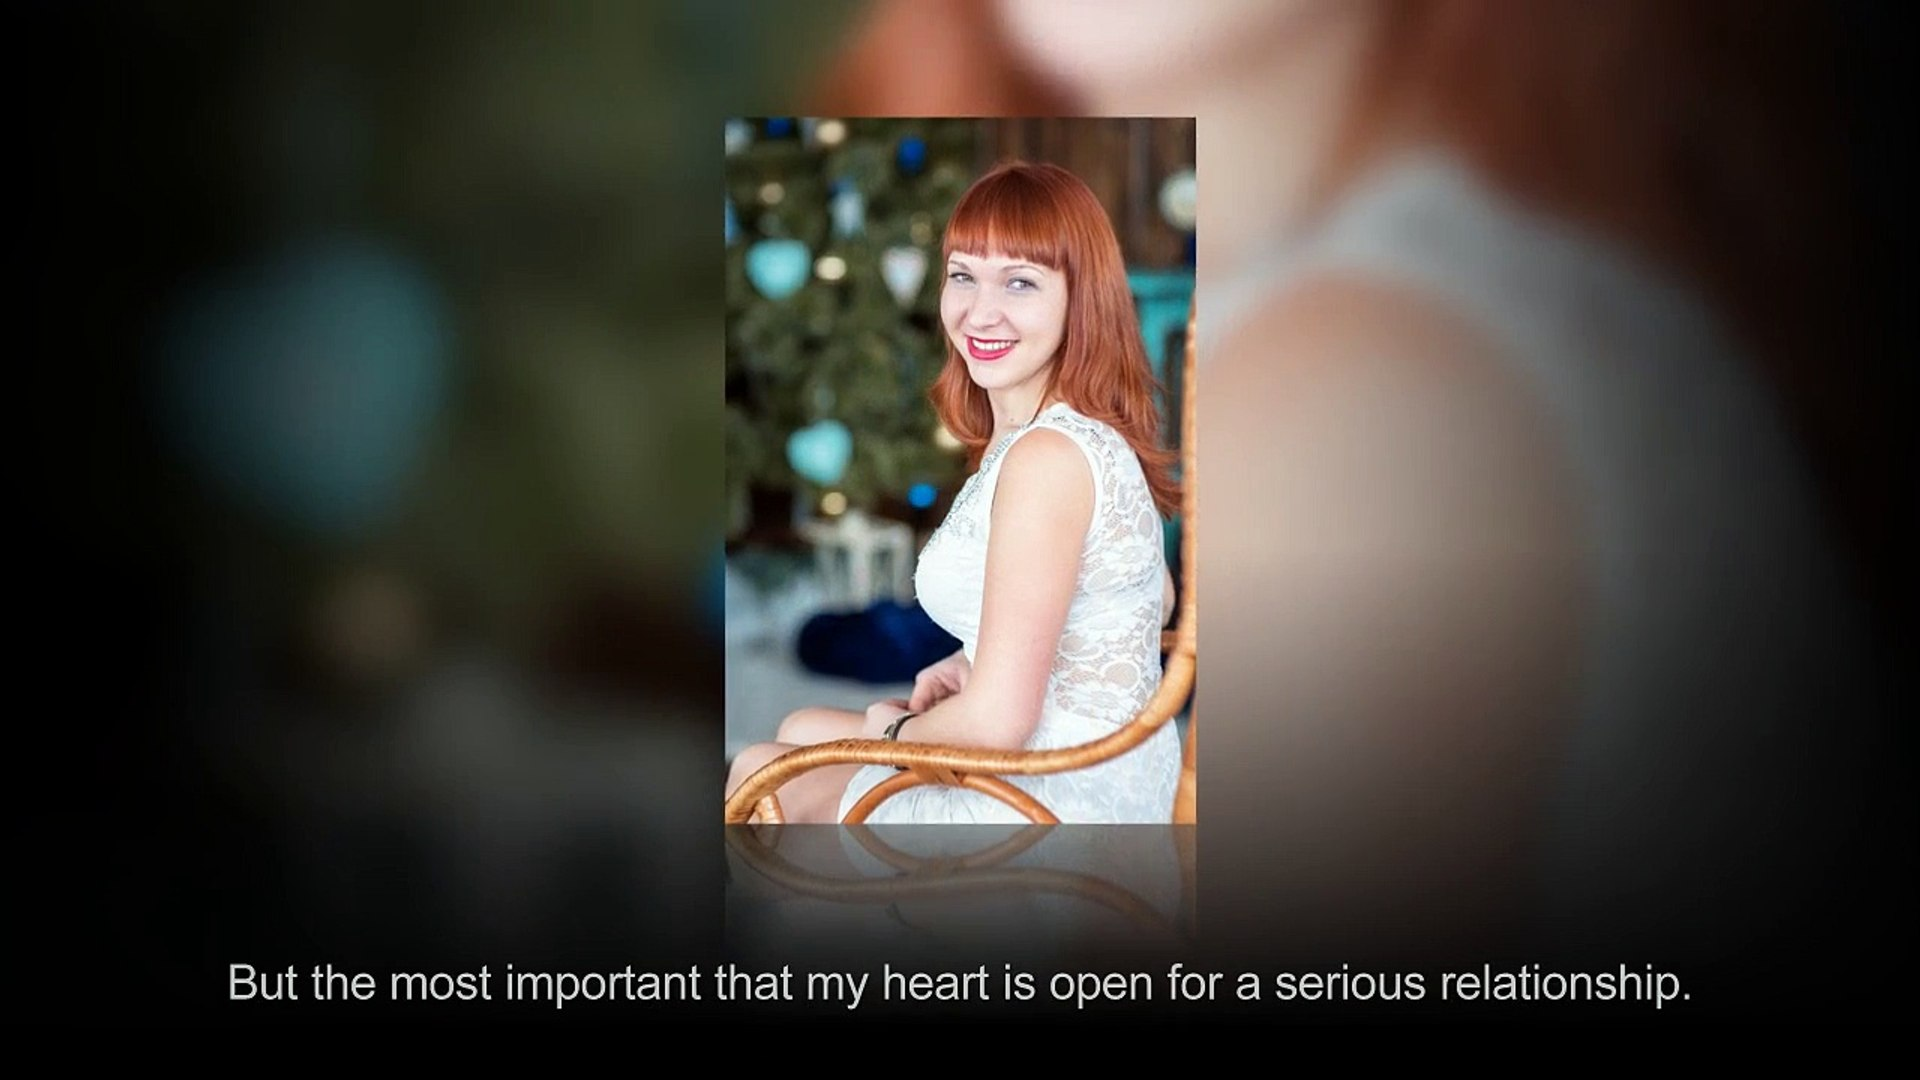 overskriften ideer for dating nettsteder